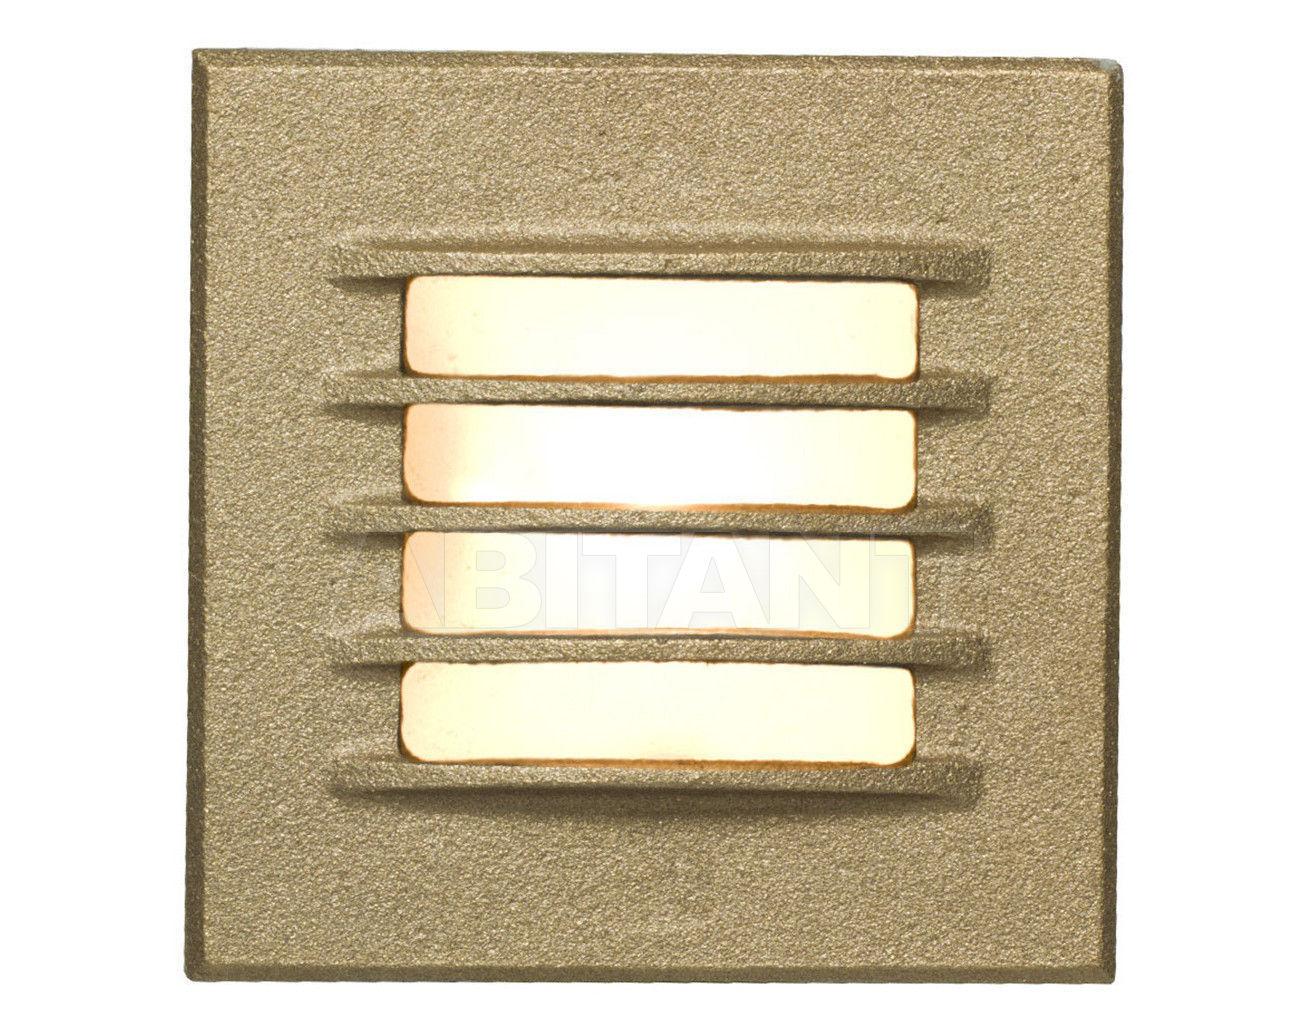 Купить Встраиваемый светильник Davey Lighting Ceiling Lights 7600/GM/SD